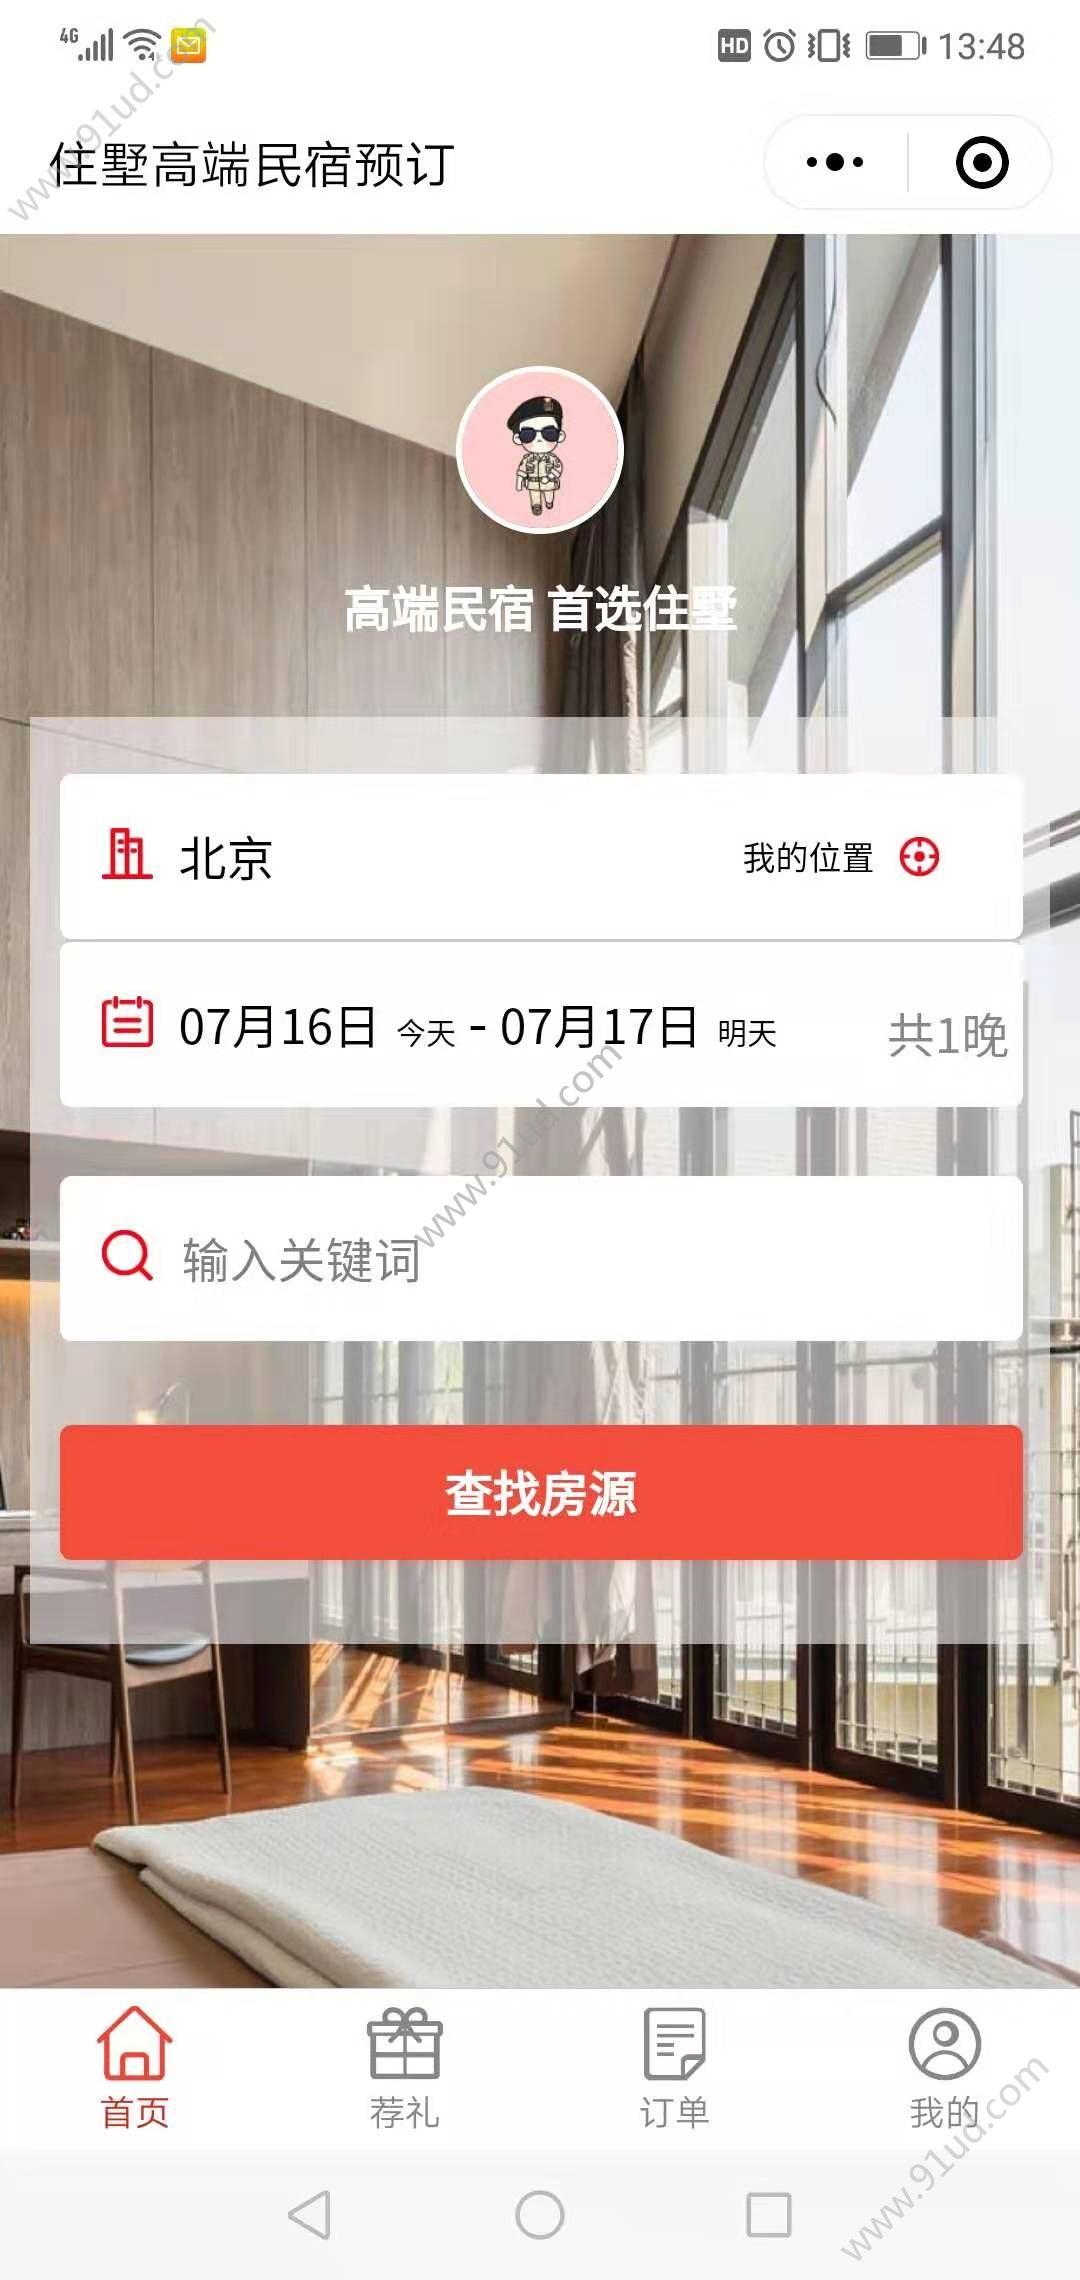 住墅高端民宿预订小程序截图